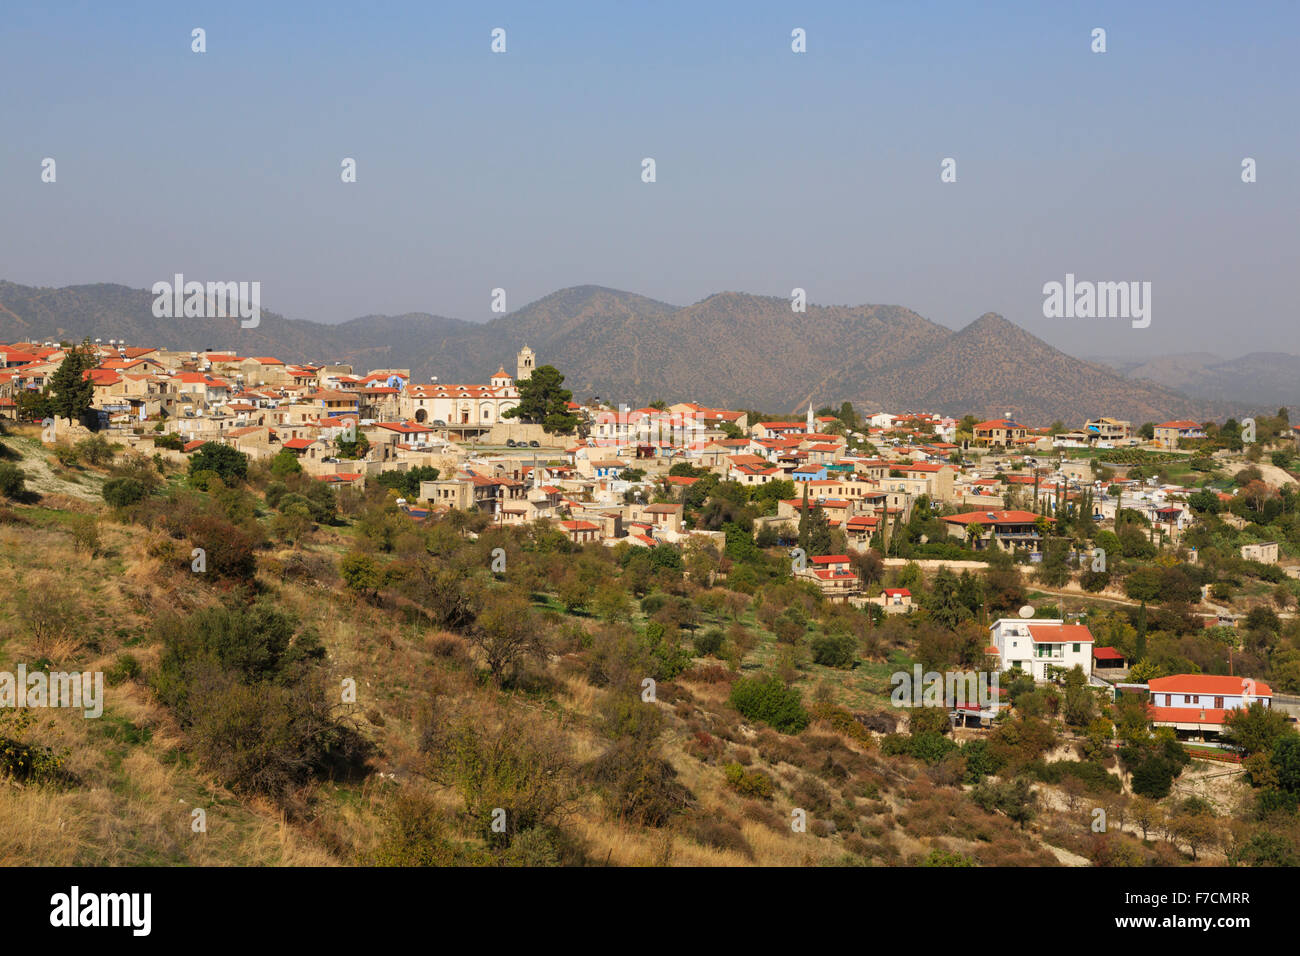 Pano Lefkara village, Troodos, Cyprus. - Stock Image